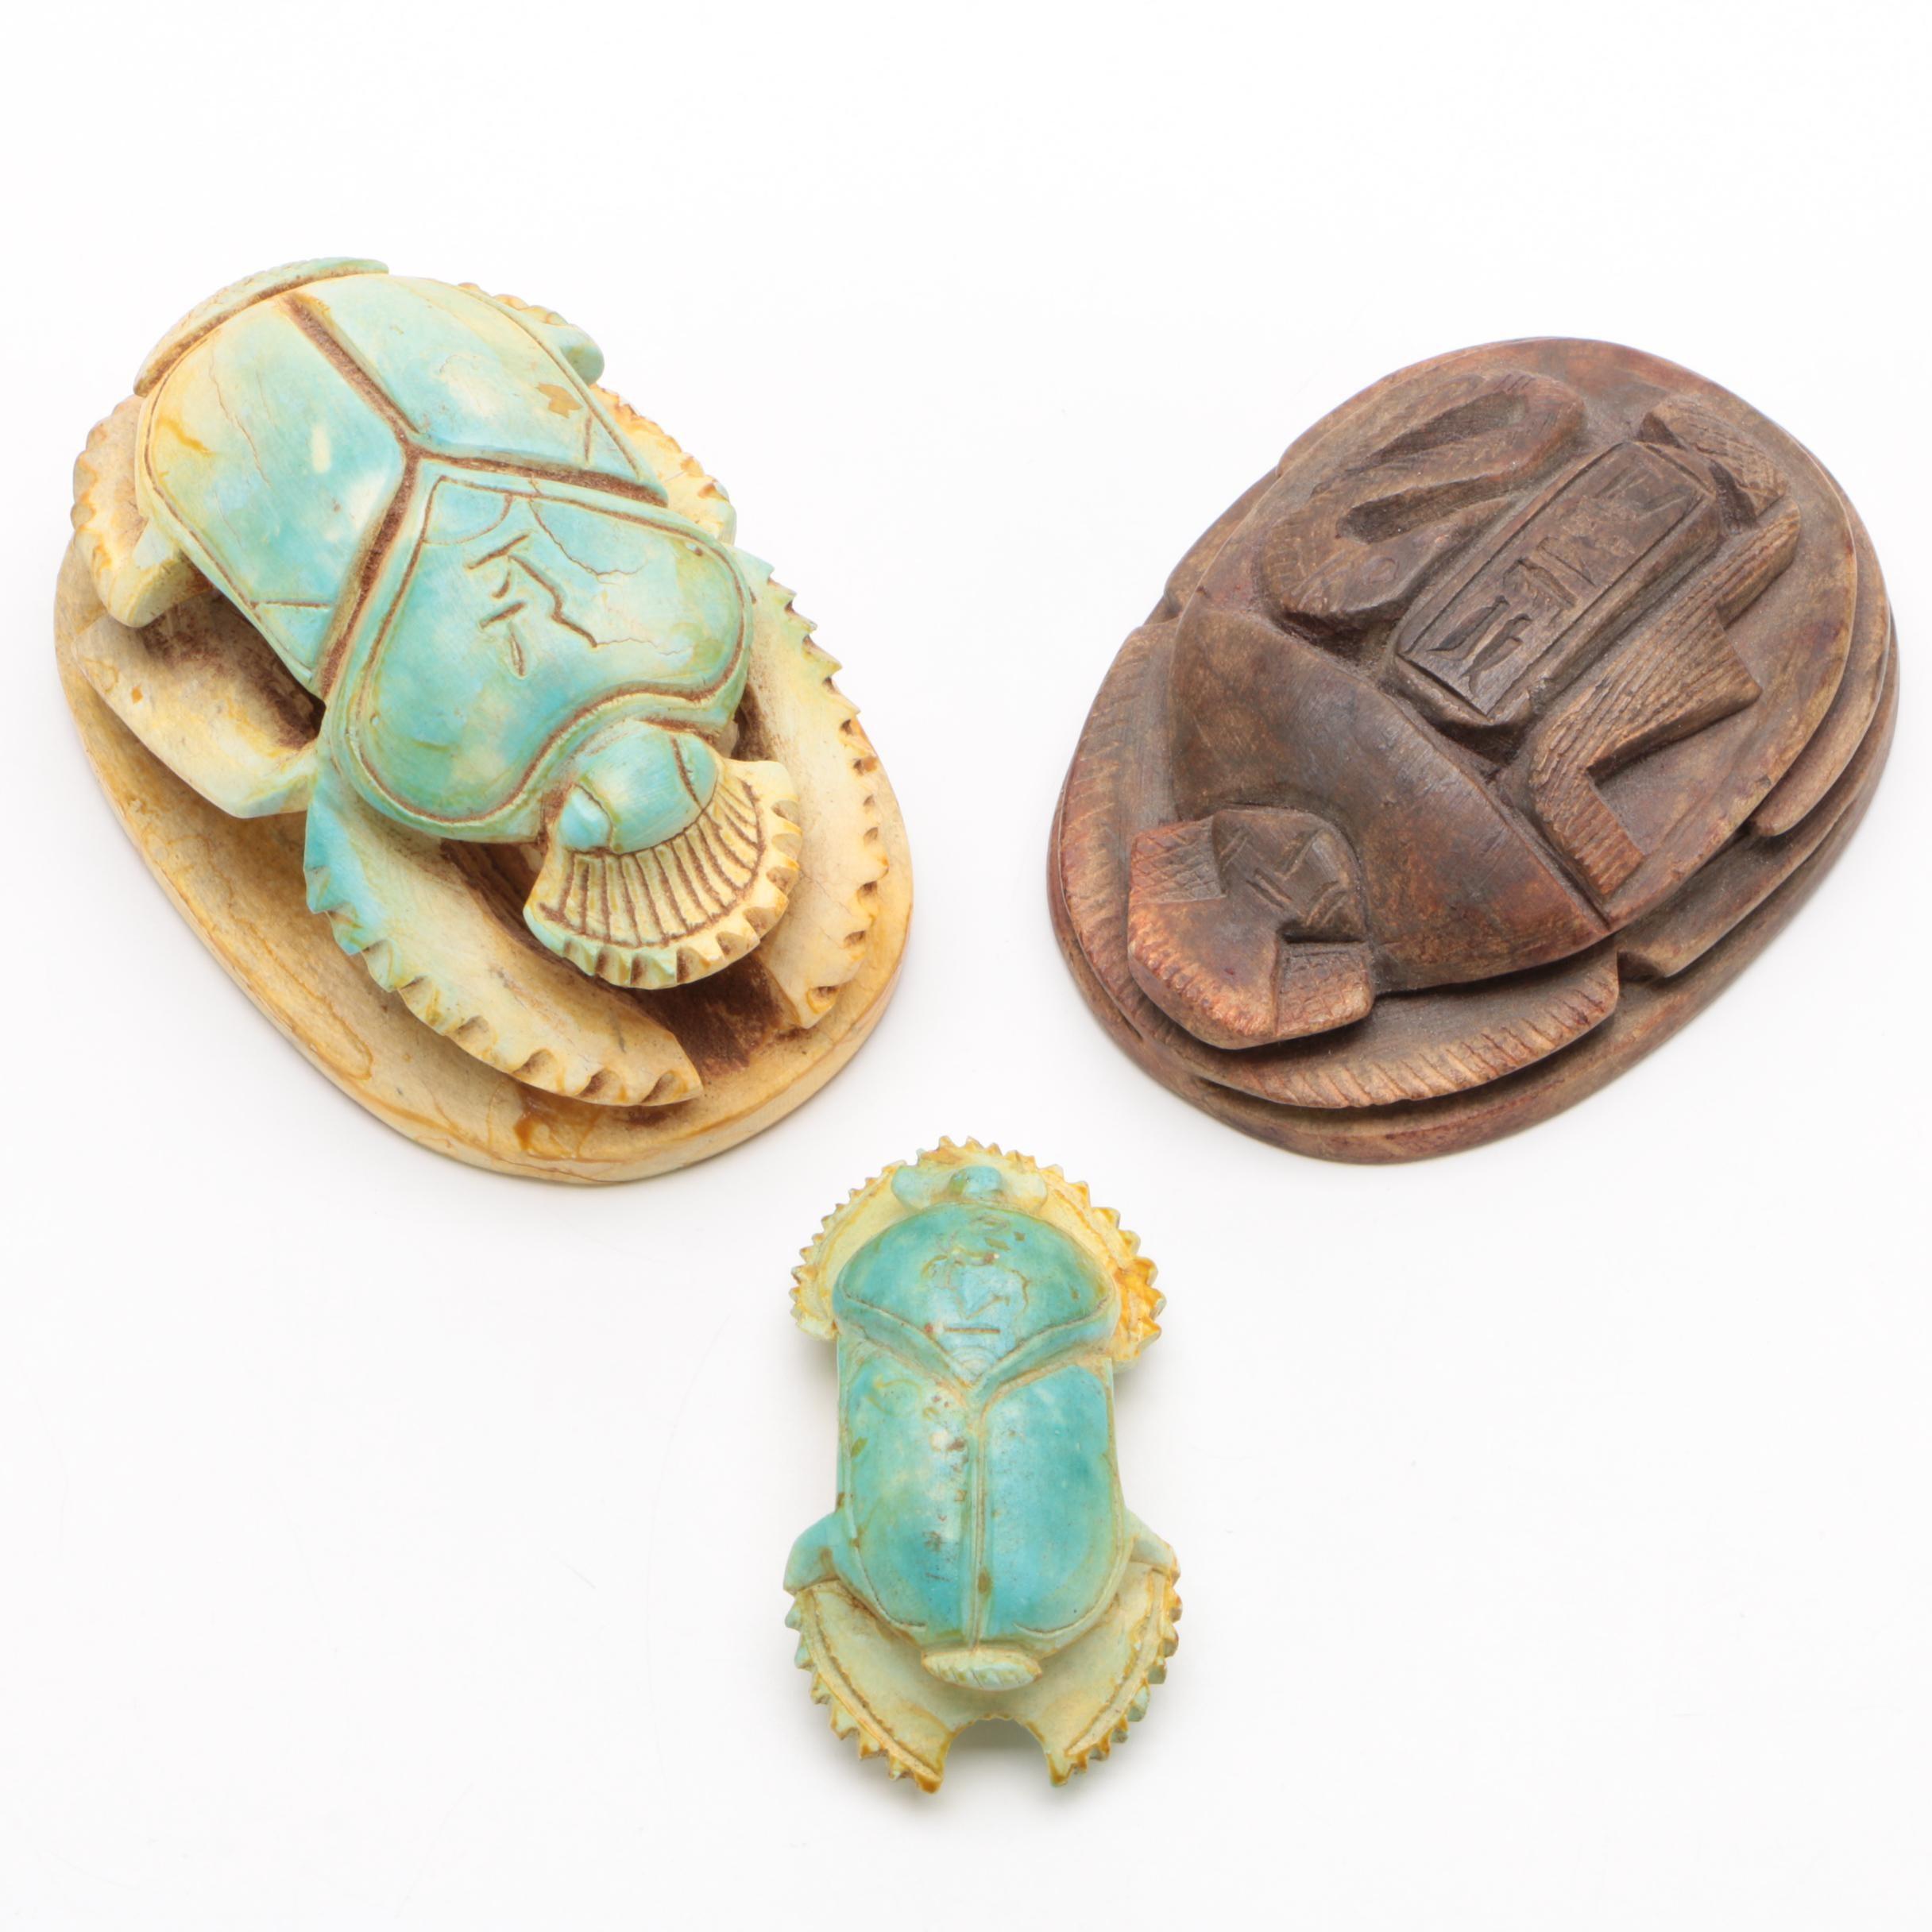 Egyptian Style Scarab Beetle Figurines